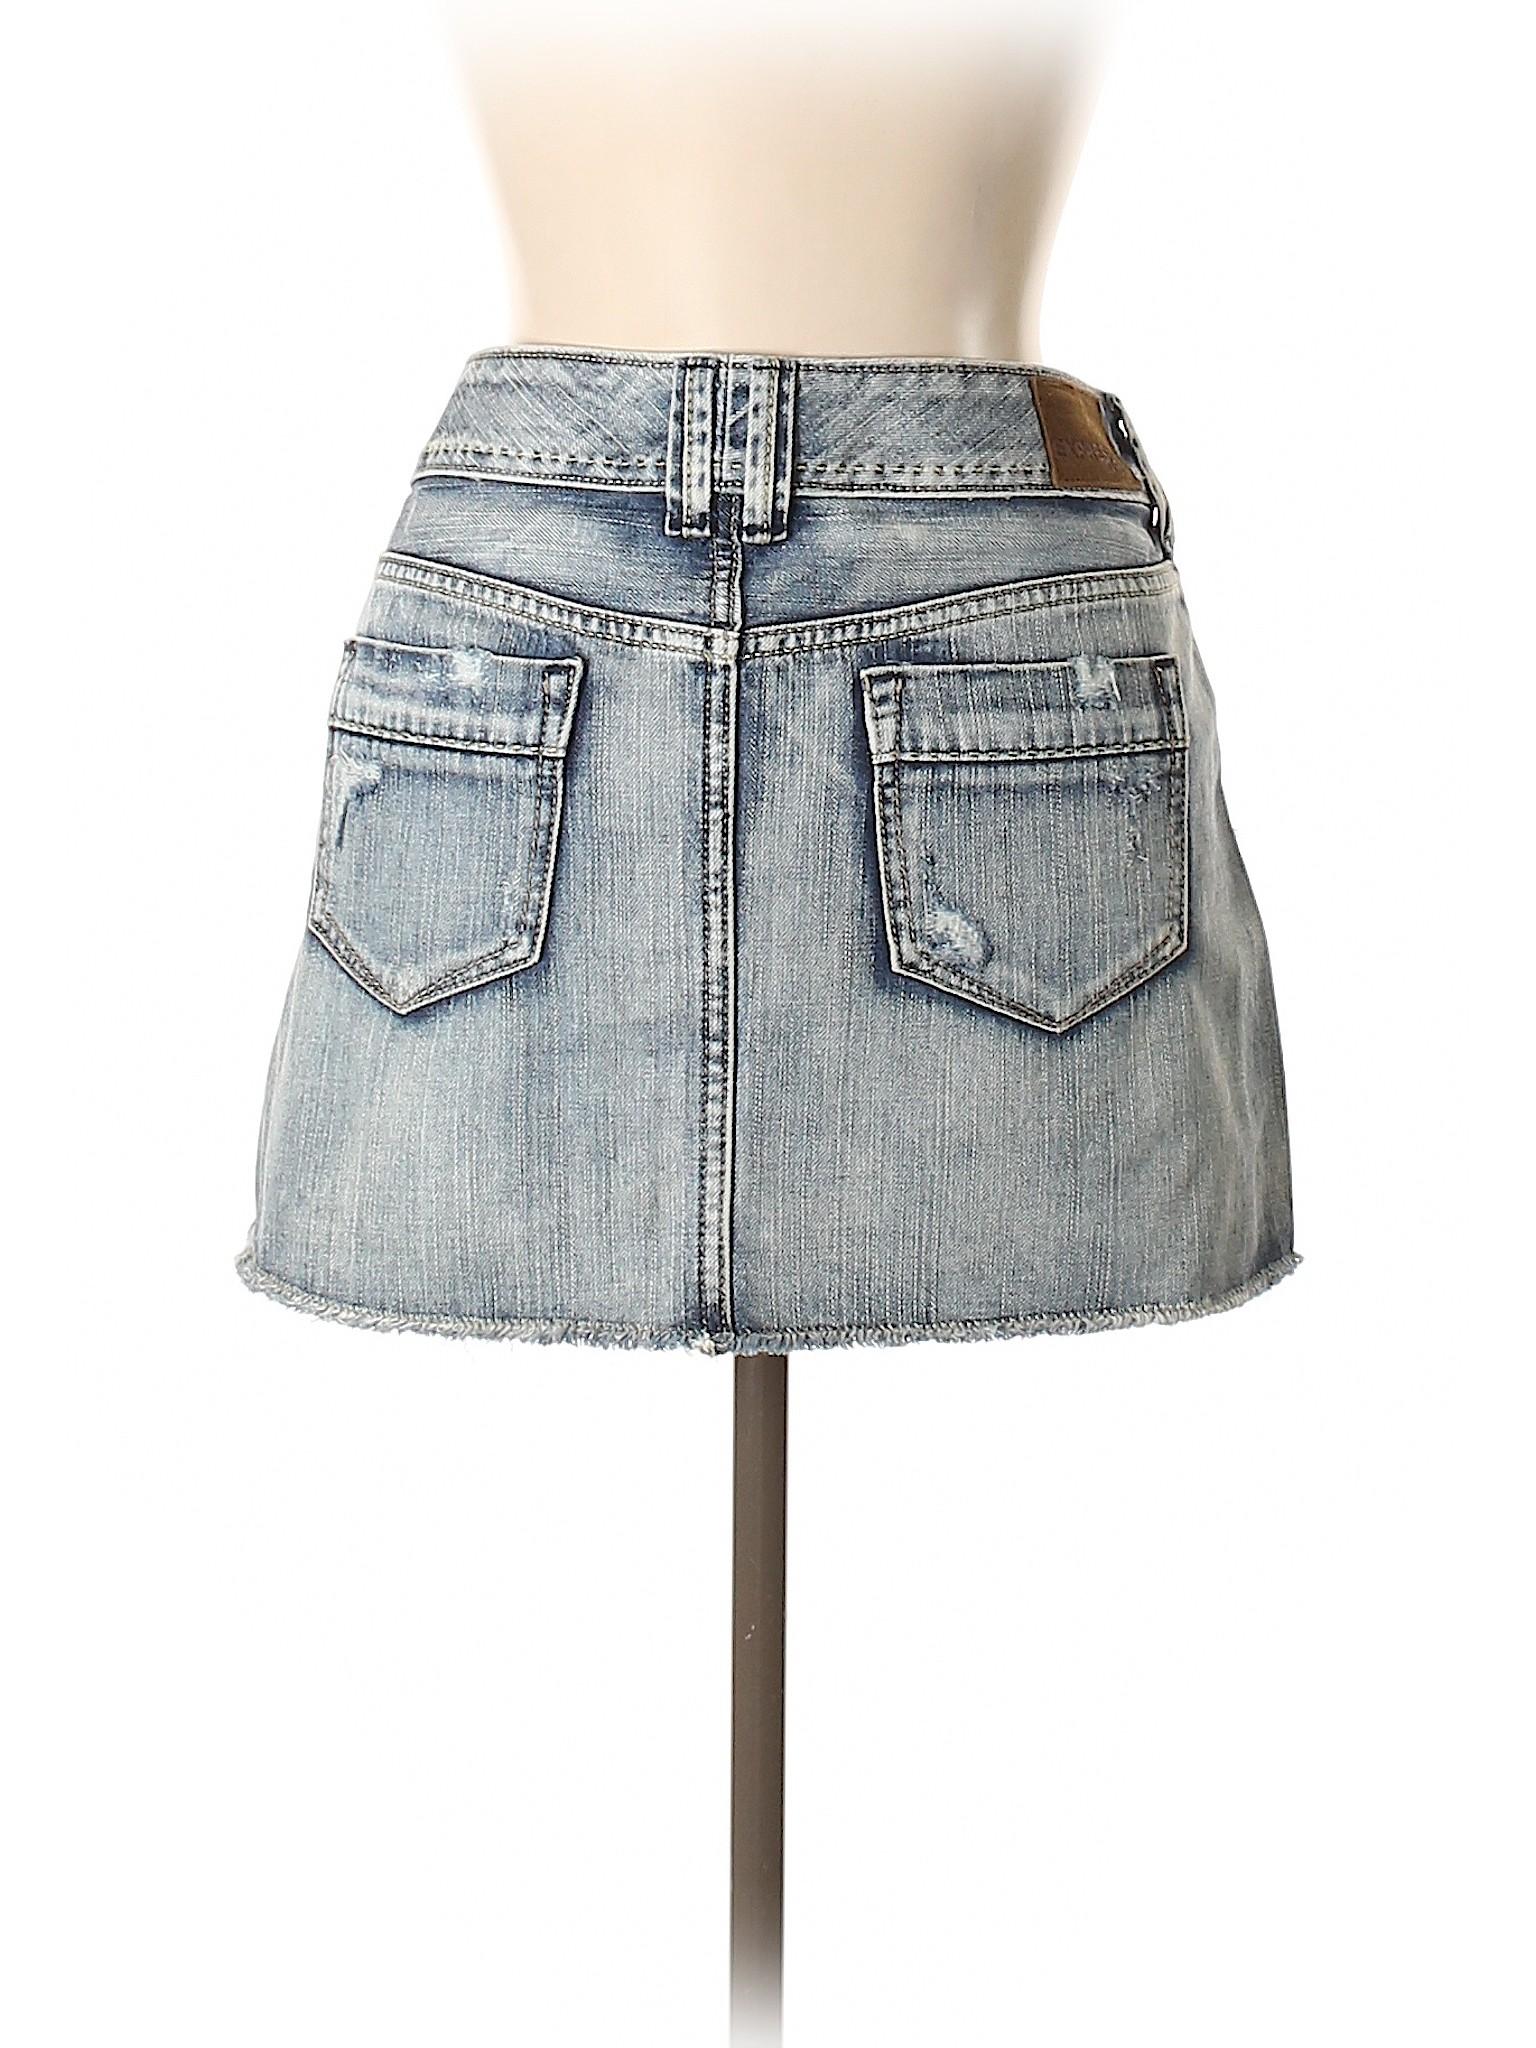 Denim Boutique Boutique Skirt Boutique Denim Skirt Skirt Denim qqEOR